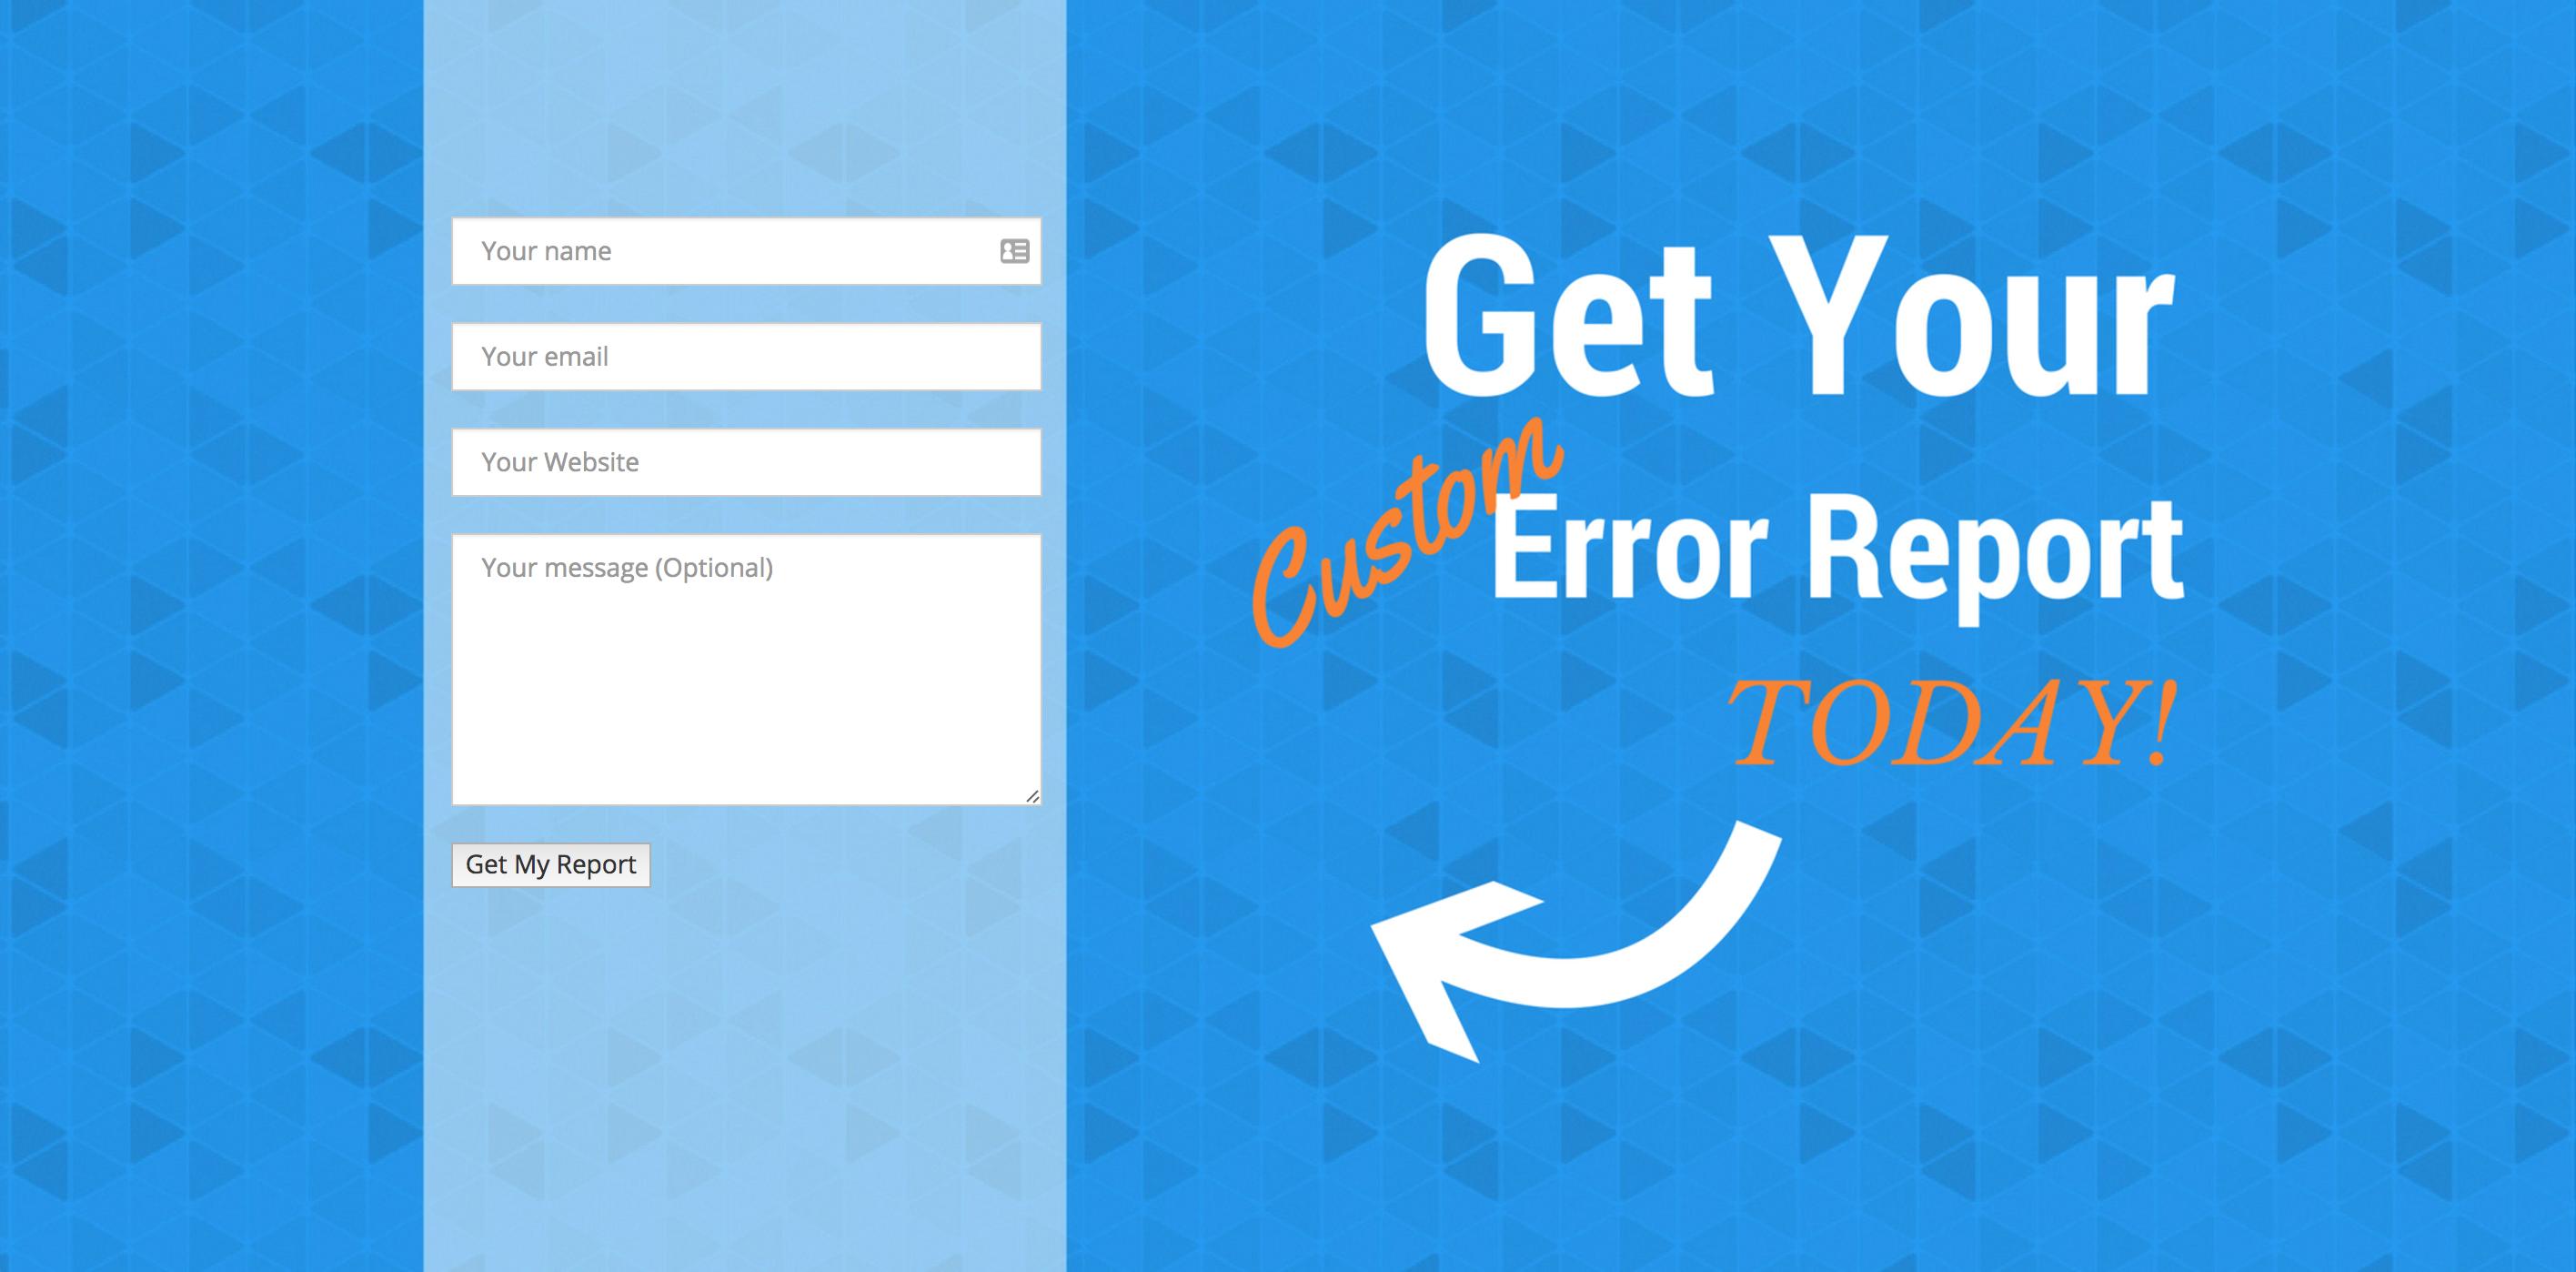 Get a Custom SEO Error Report!